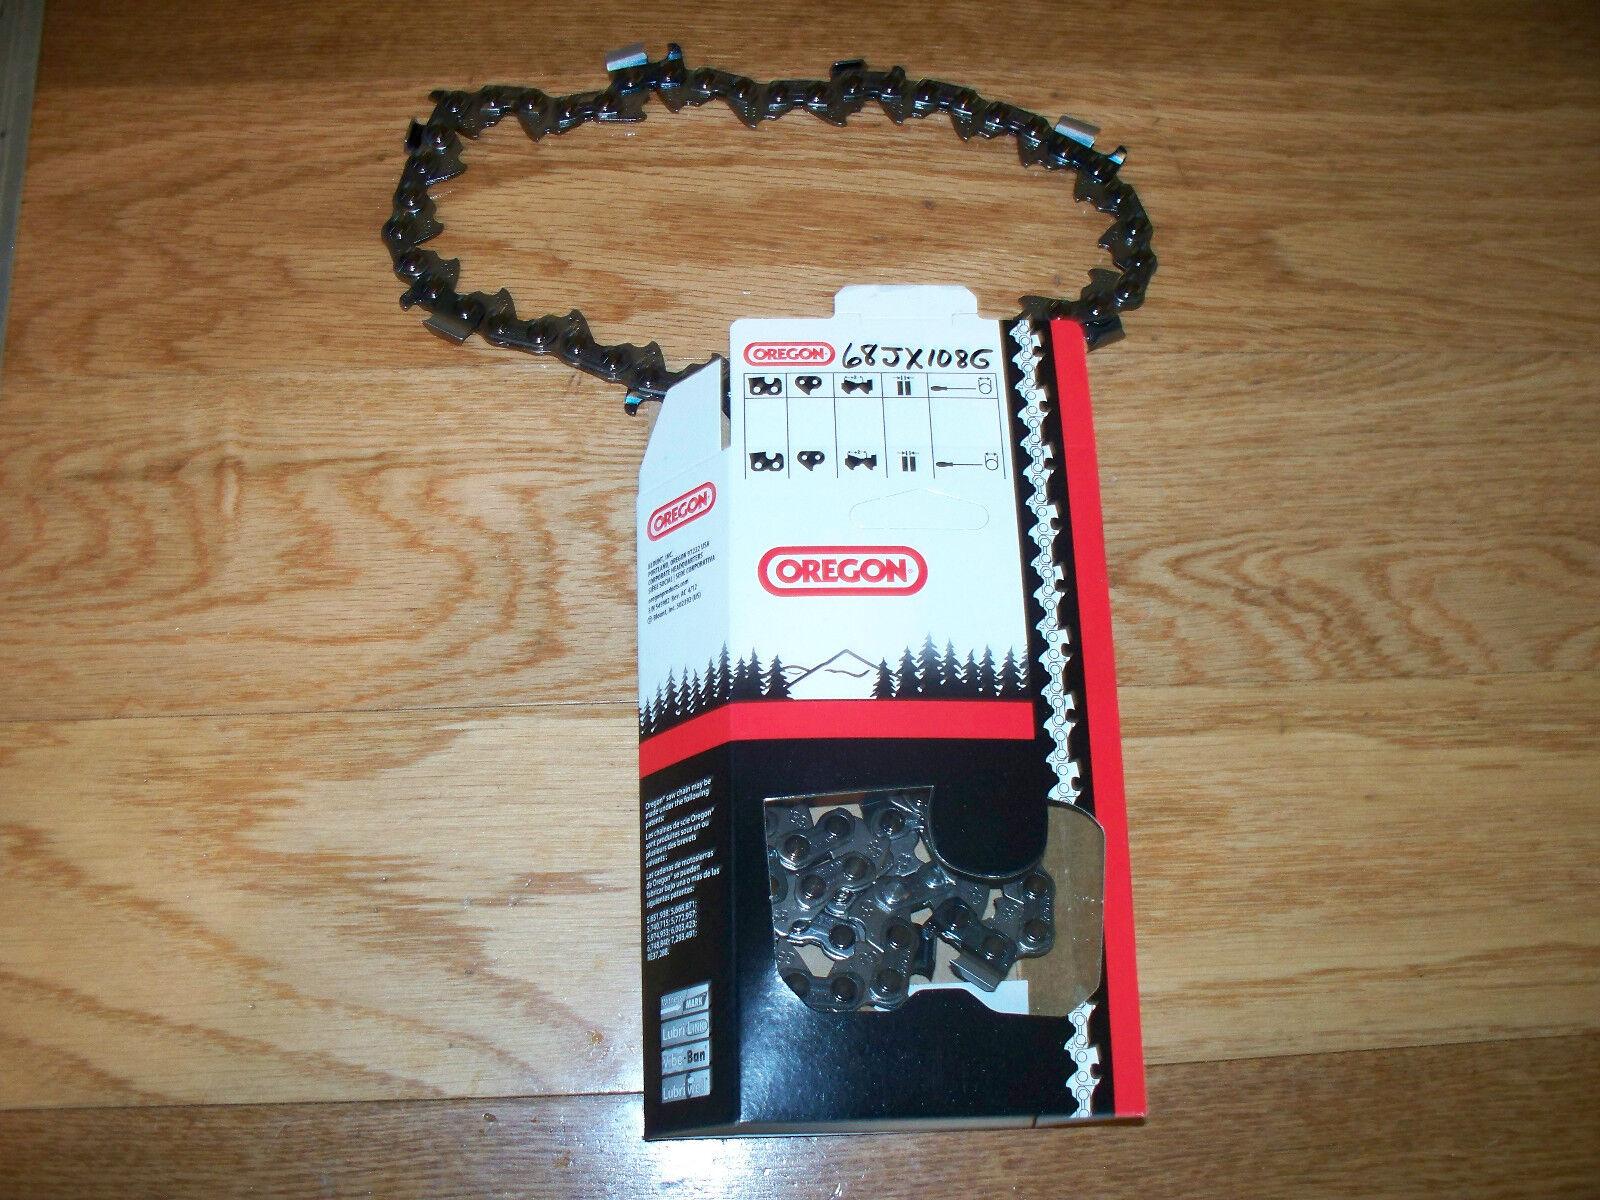 1 Oregon 36   404 Completo Skip Sierra Cadena 68jx108g 404 Pitch Cadena.063 Calibre 108 Dl